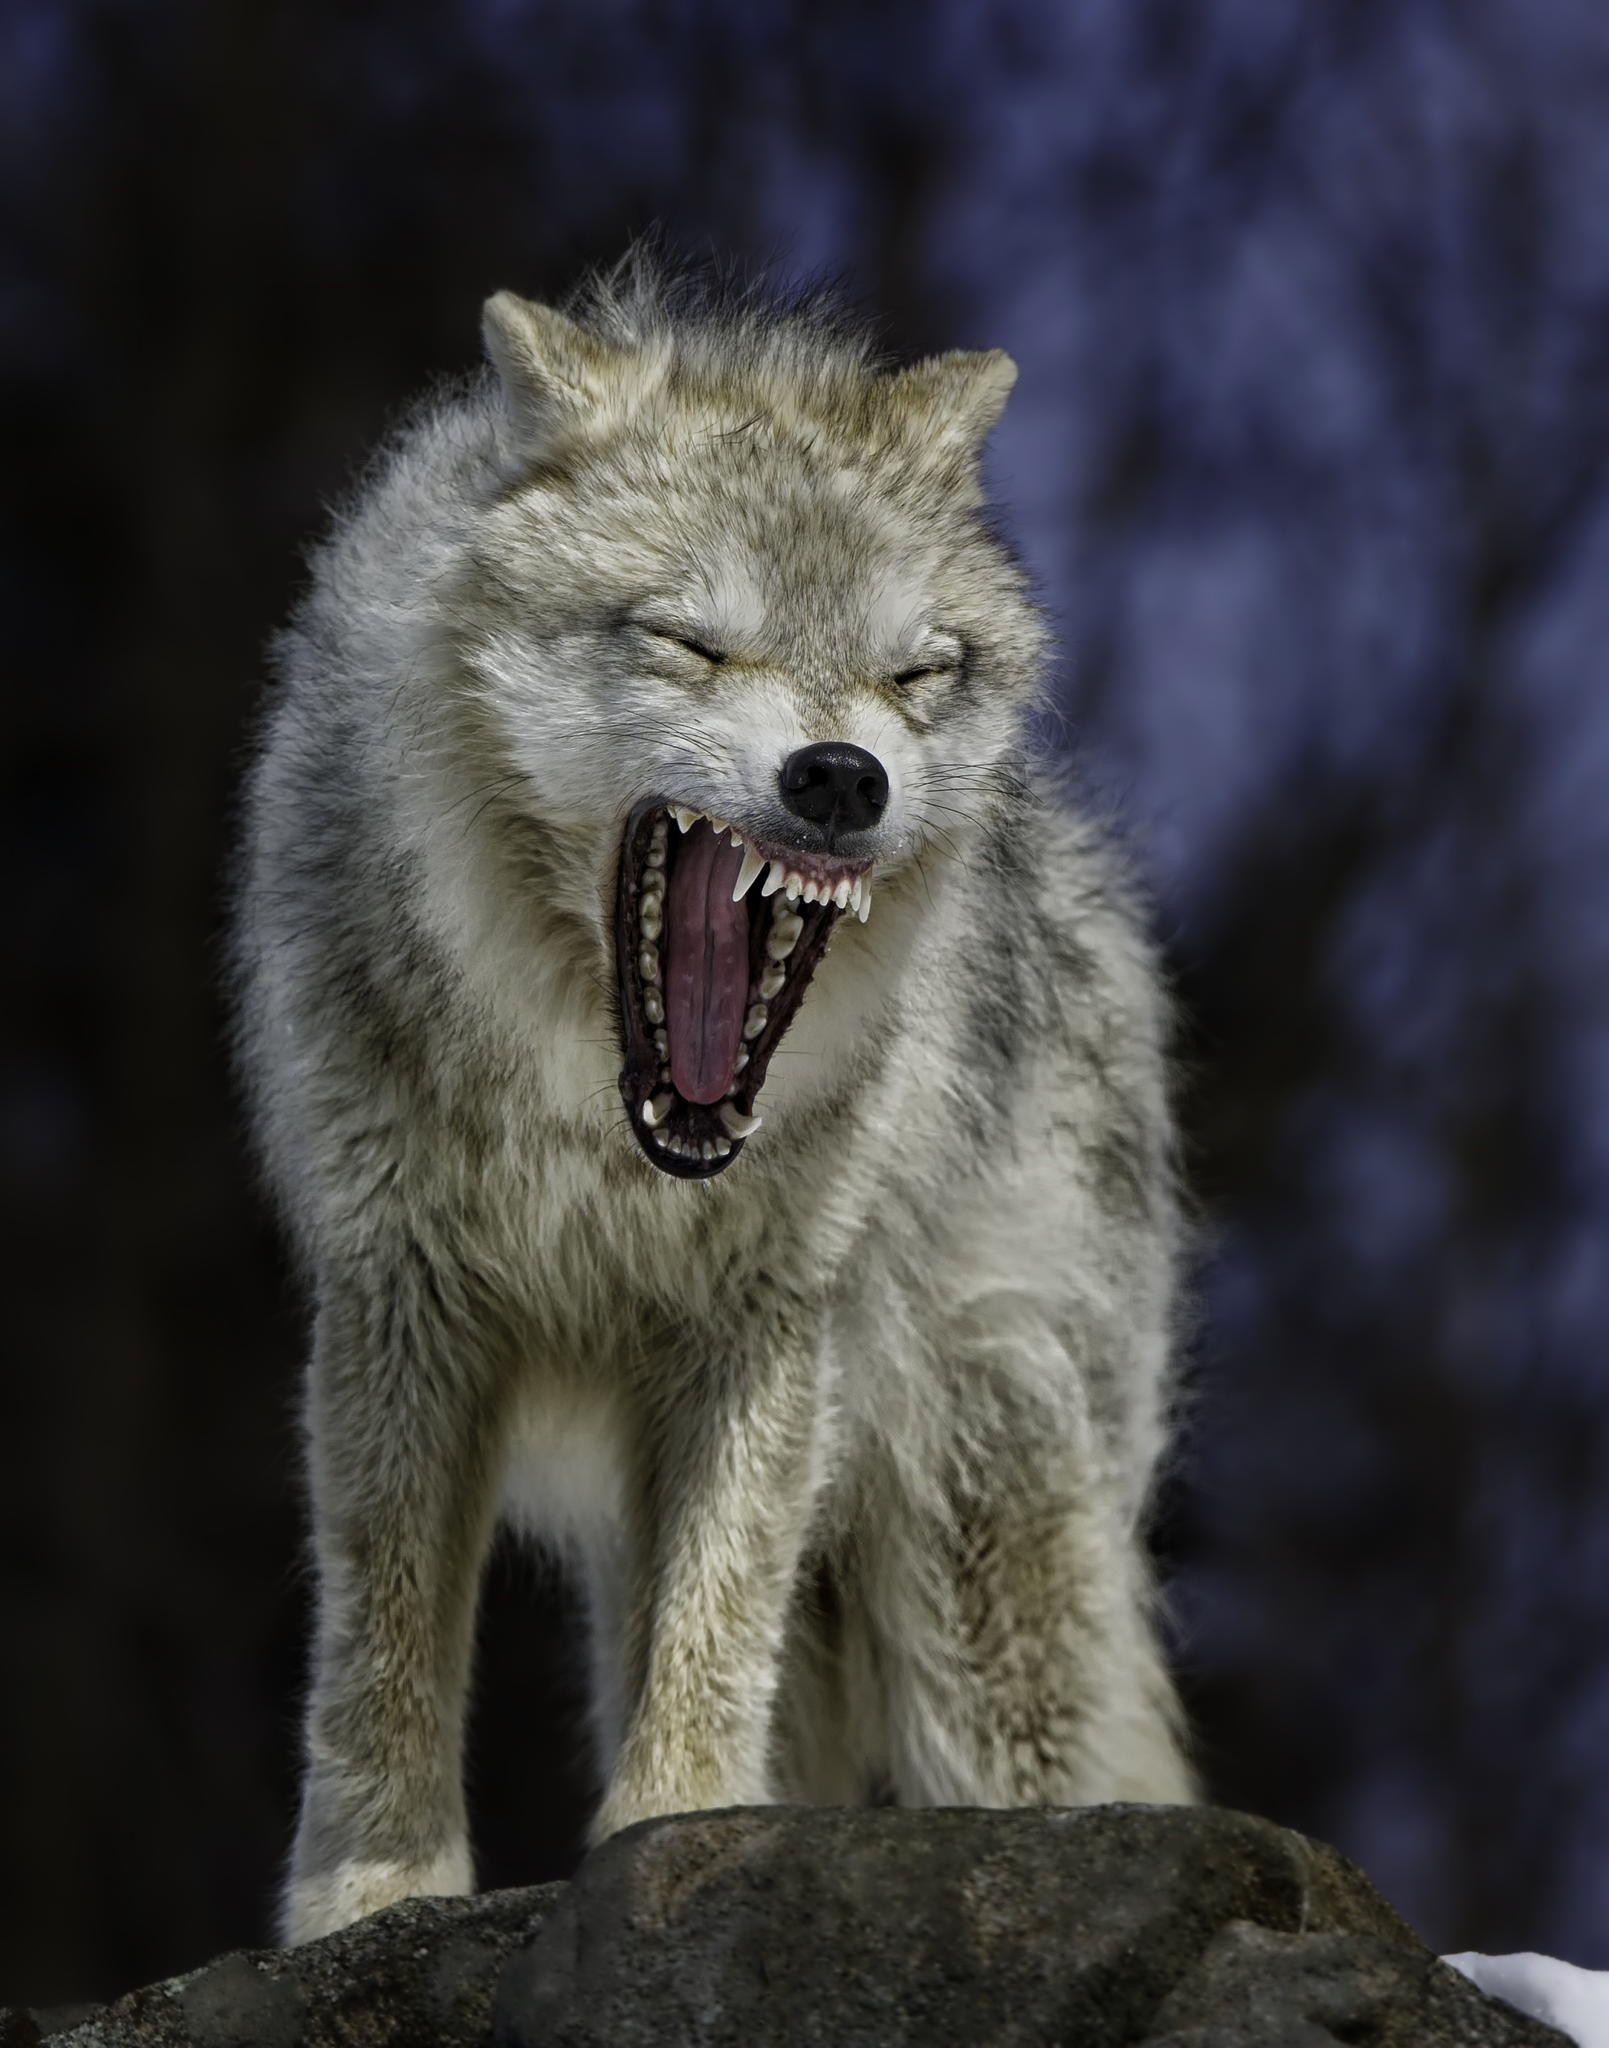 уже фото с видом злых волков анализ группы вконтакте